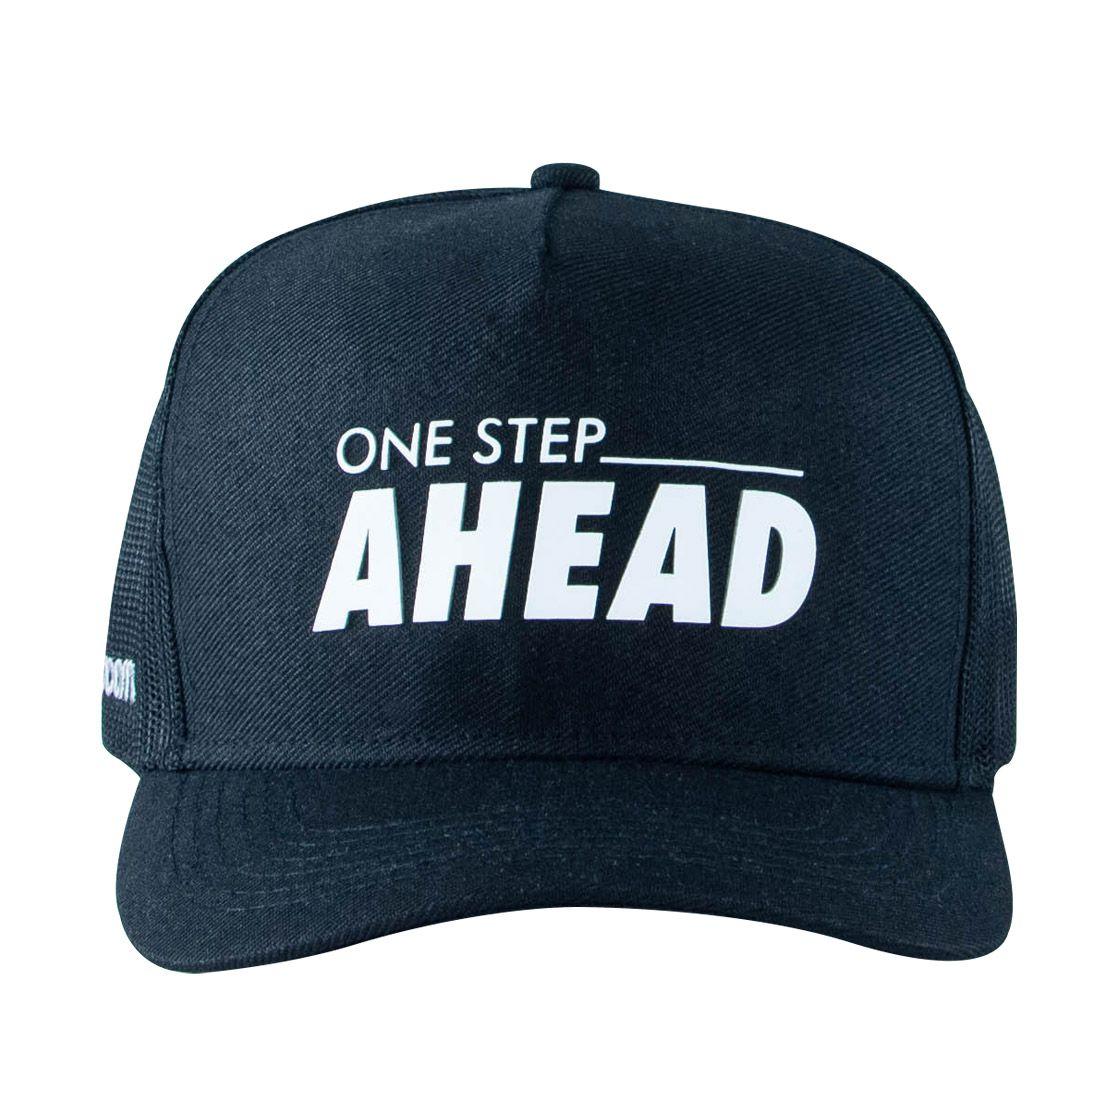 Boné One Step Ahead Unissex - Preto - Woom 247